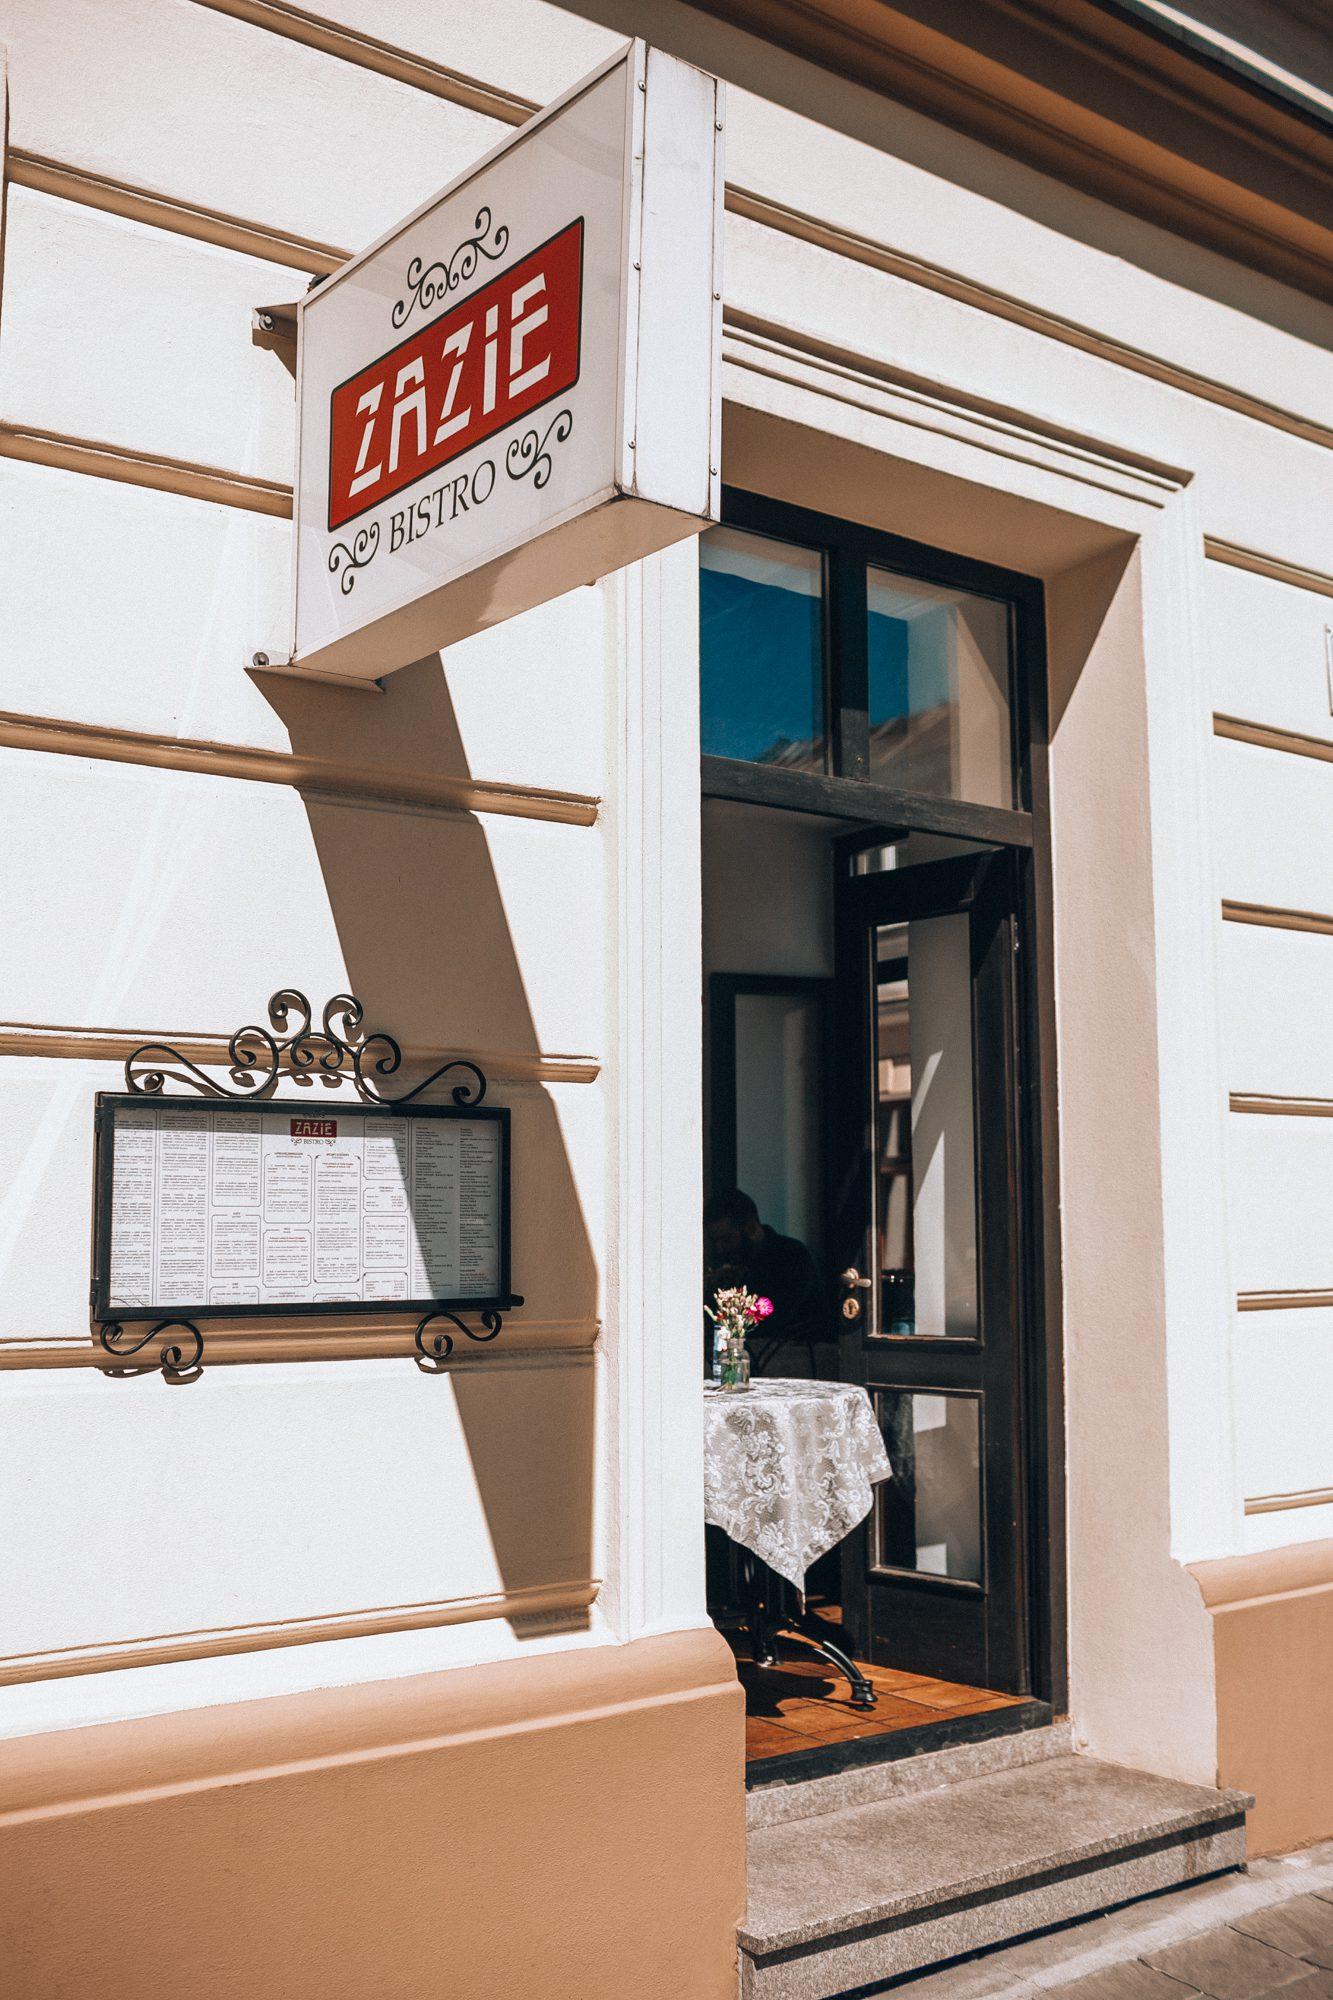 zazie-bistro-krakow